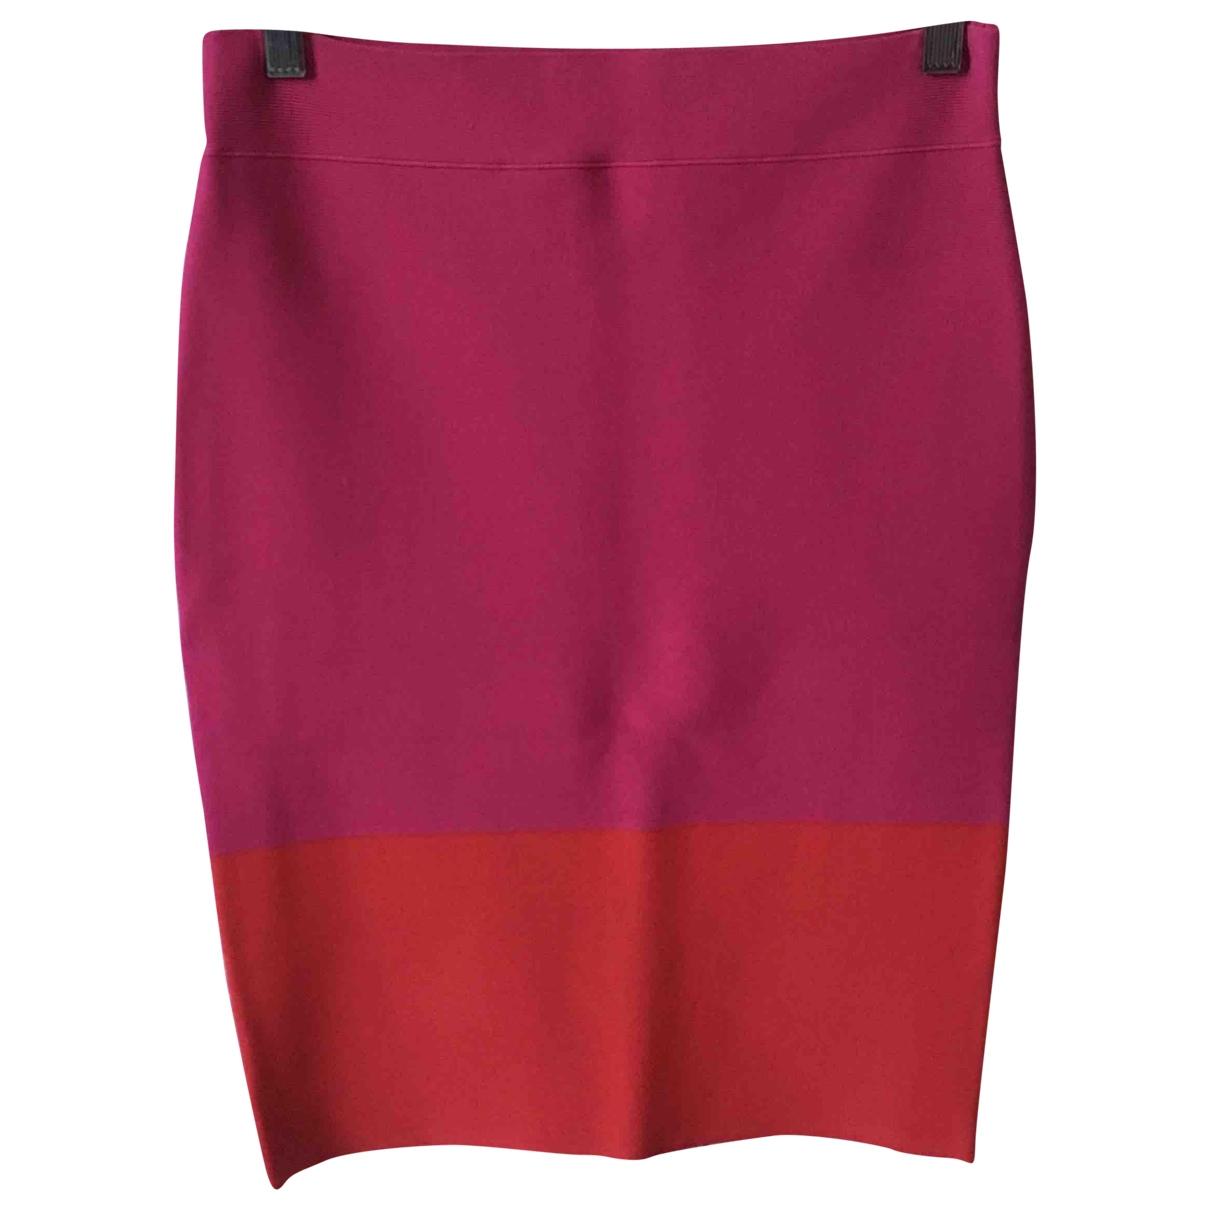 Bcbg Max Azria \N Pink skirt for Women M International